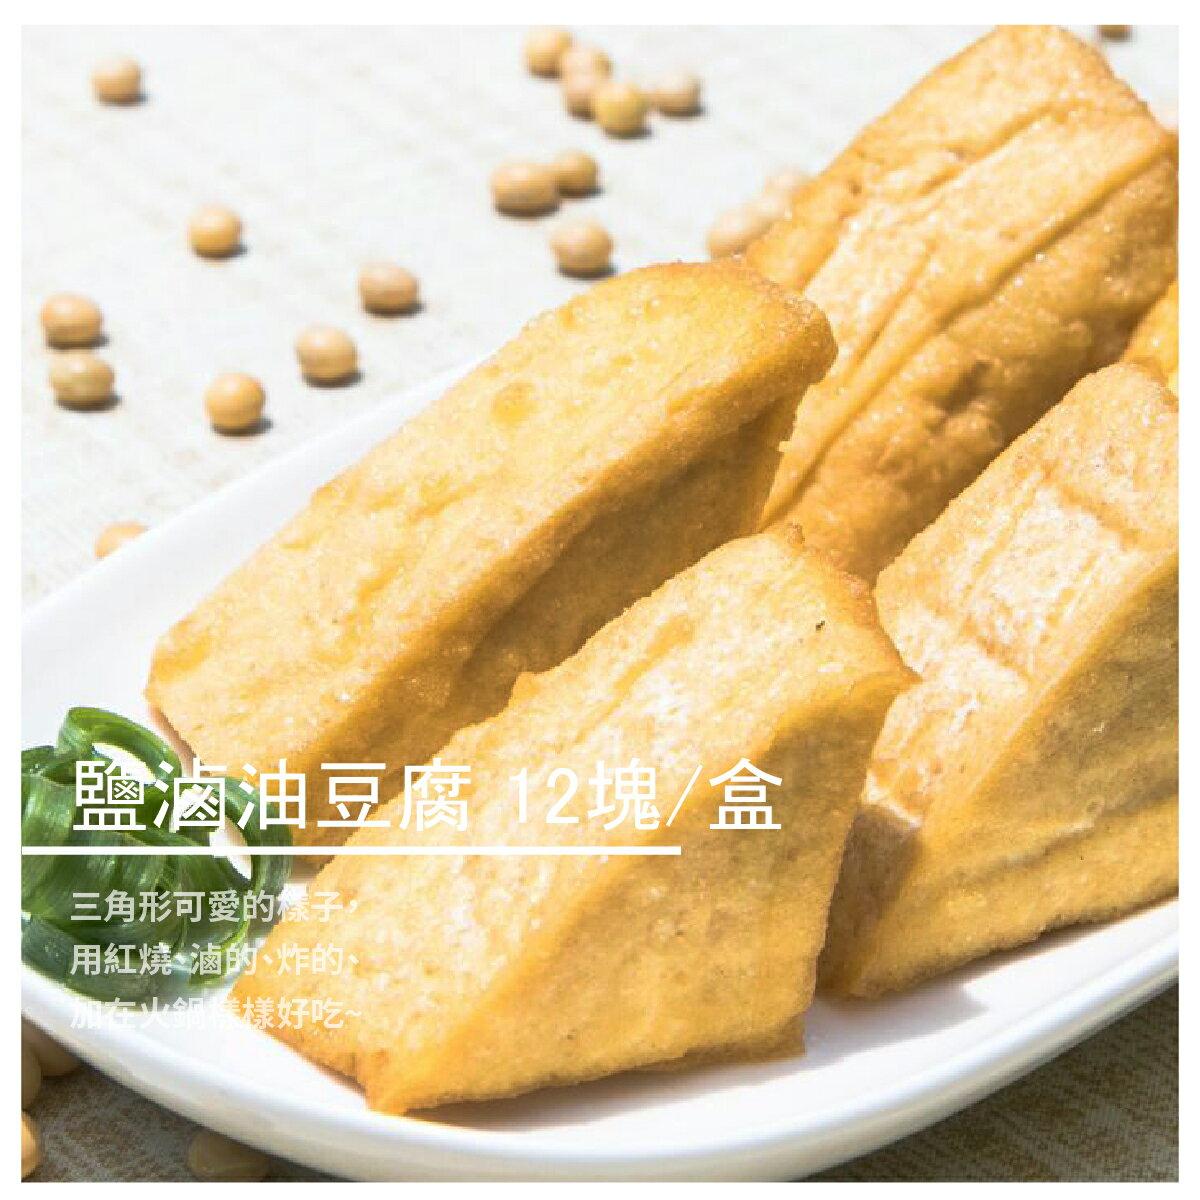 【麥豆-用良心煮豆漿做豆腐】鹽滷油豆腐 12塊/盒